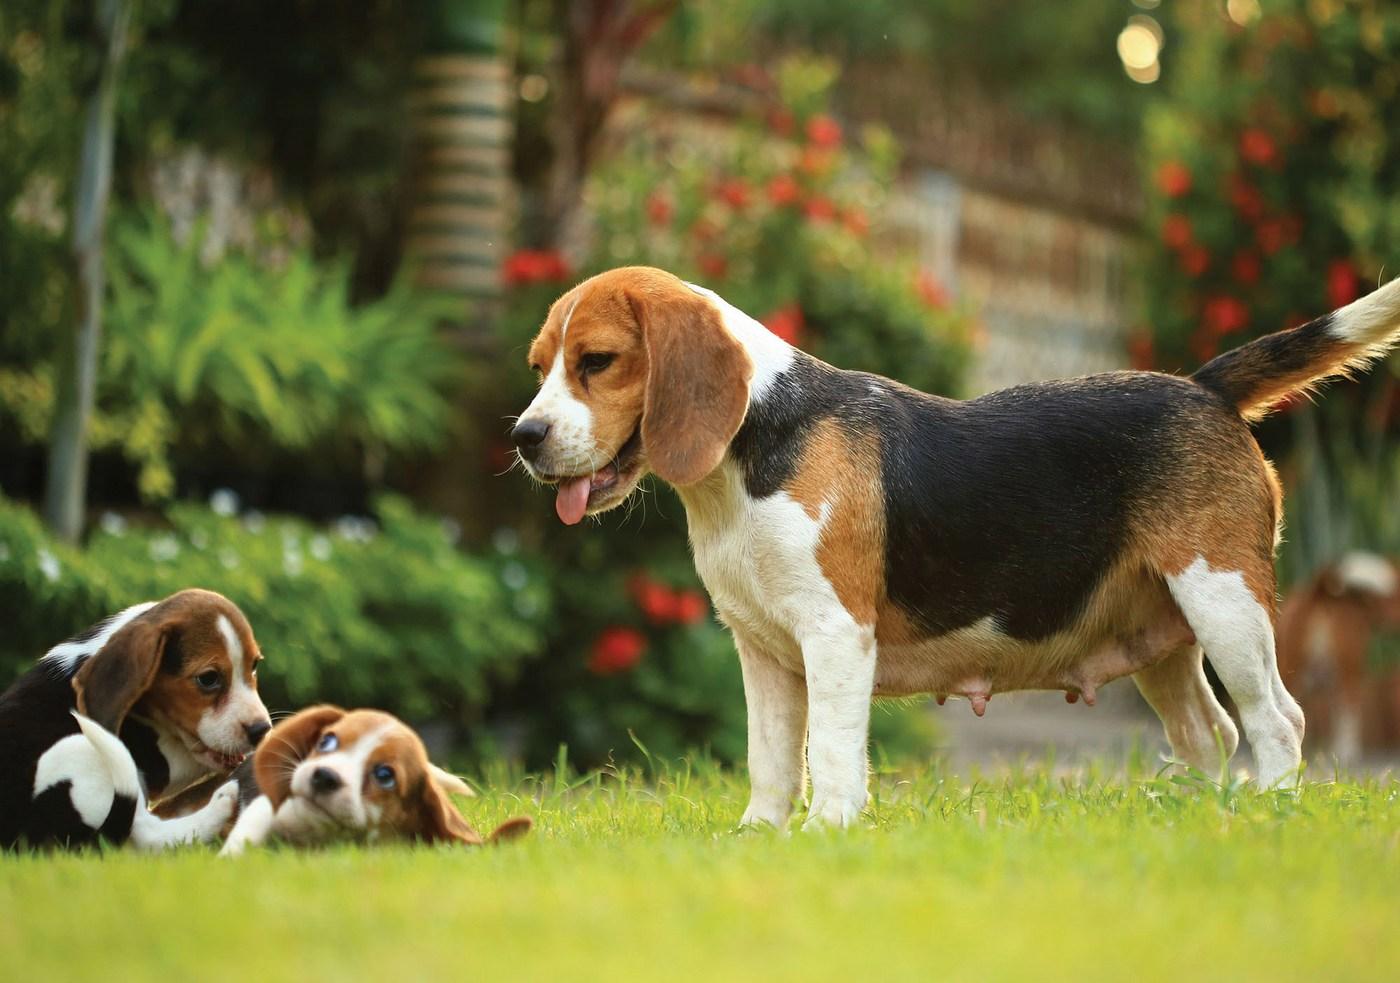 Vlies Fototapete 4499 Natur Tapete Hund Tier Haus Gras Wiese Freund Garden Beagle Natural